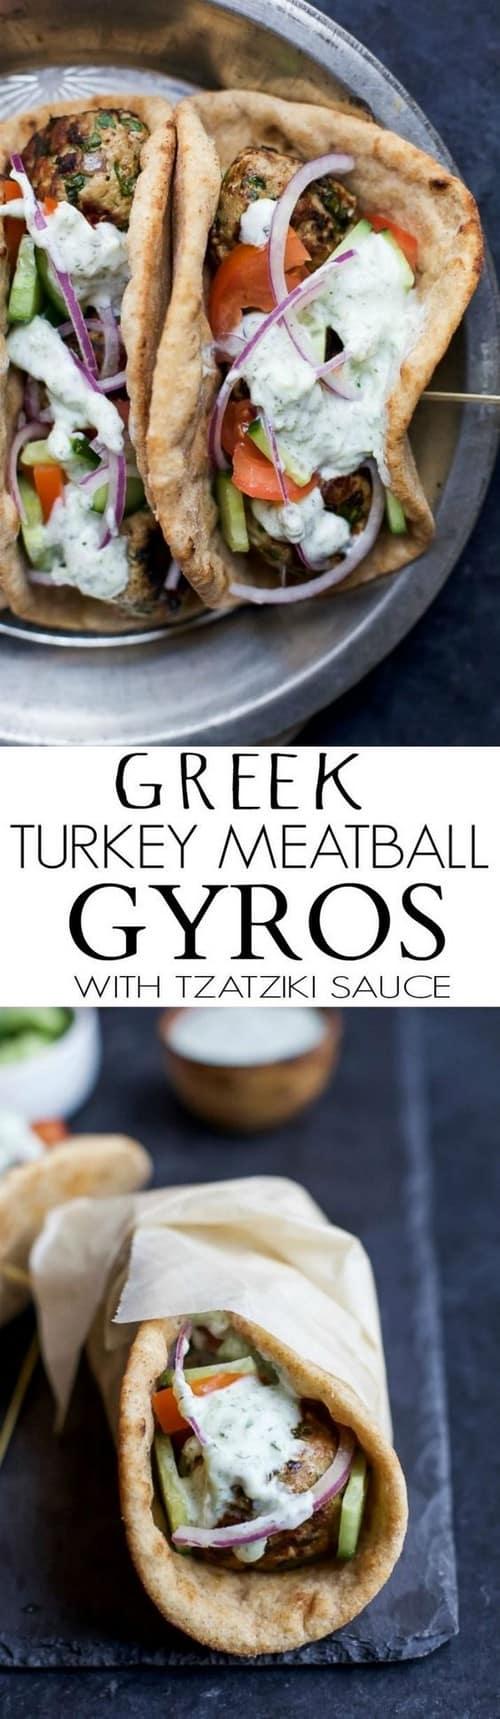 Mediterranean Greek Turkey Meatball Gyros